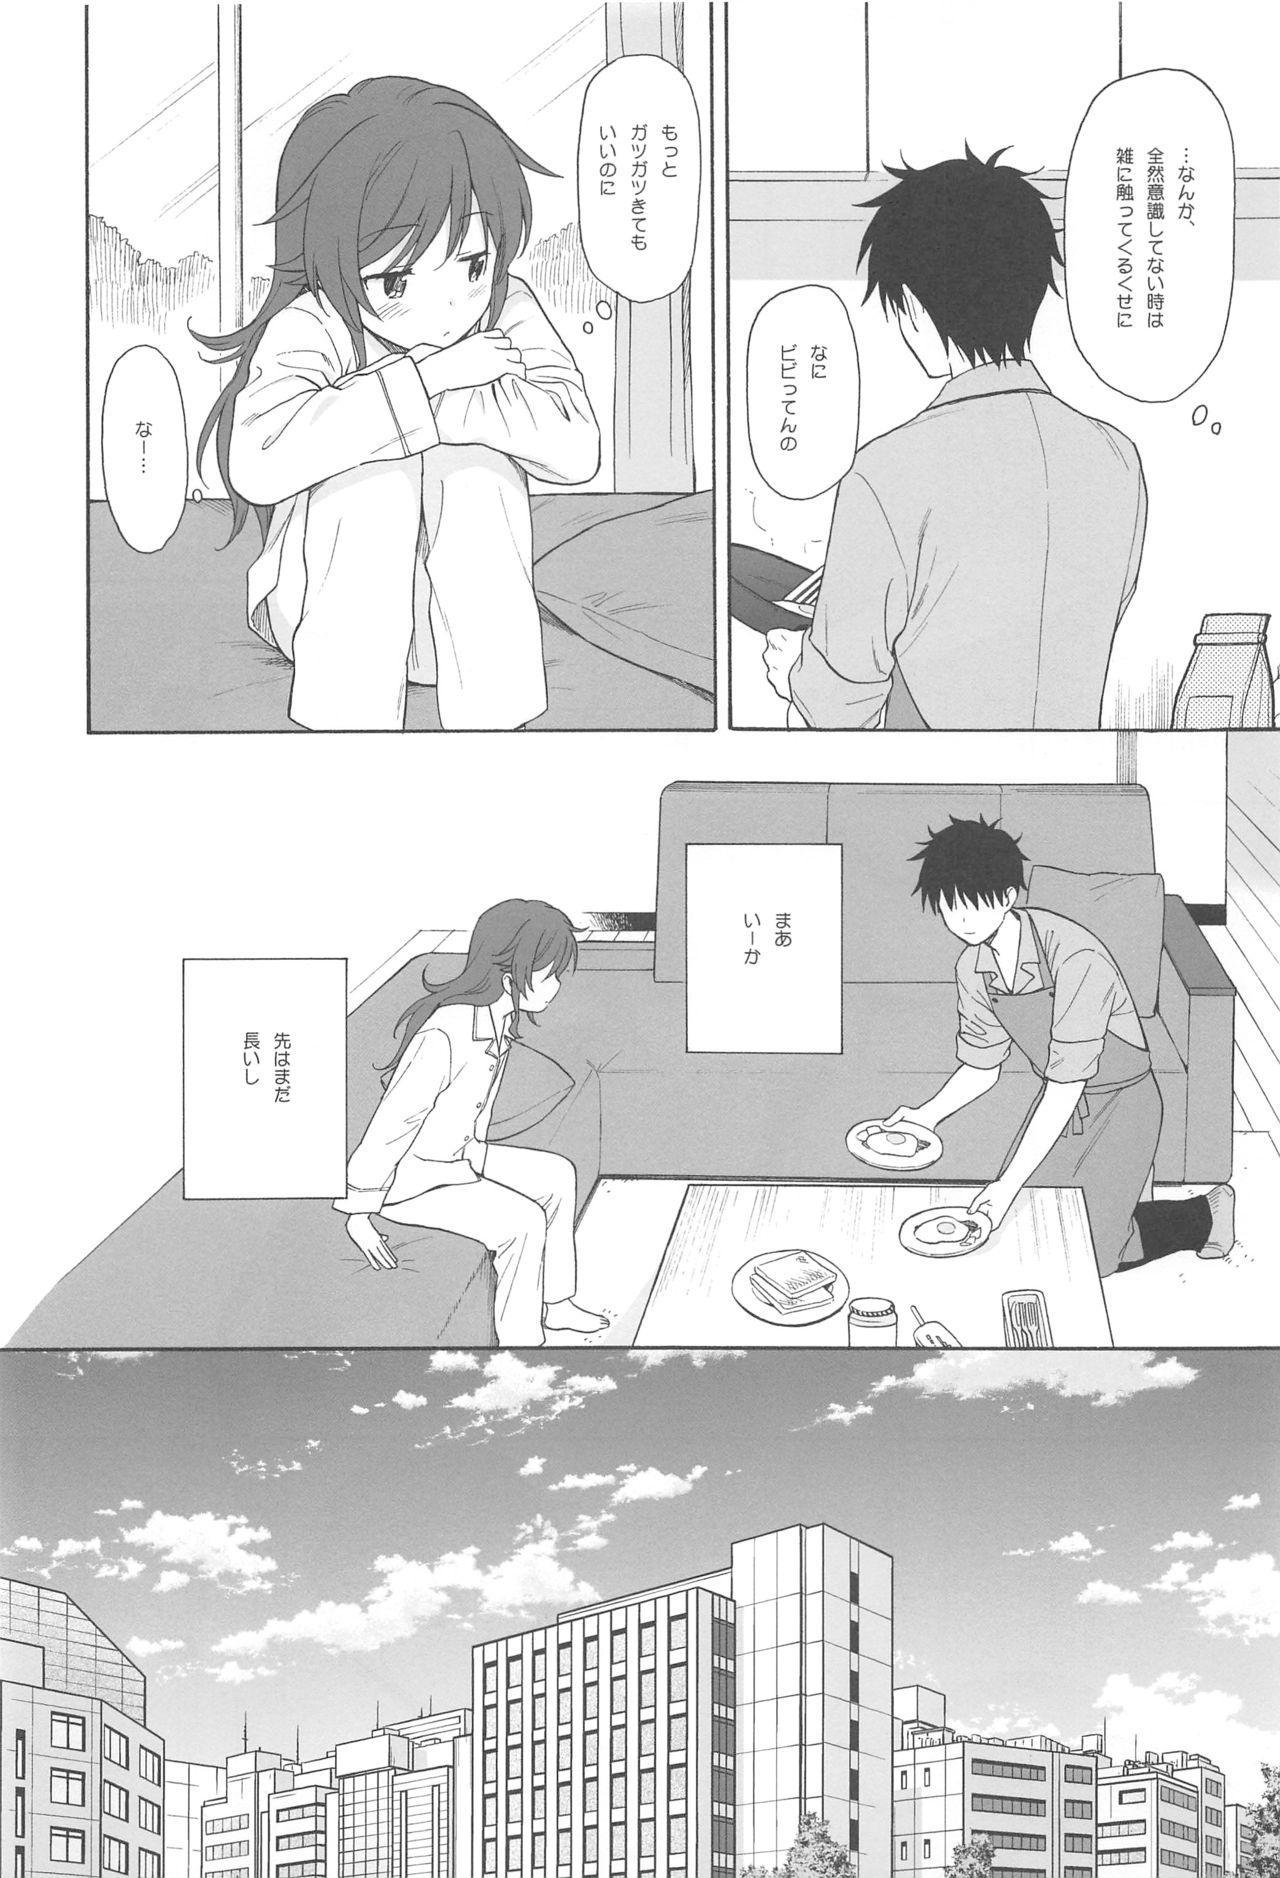 Kono Sekai no Owari made 10